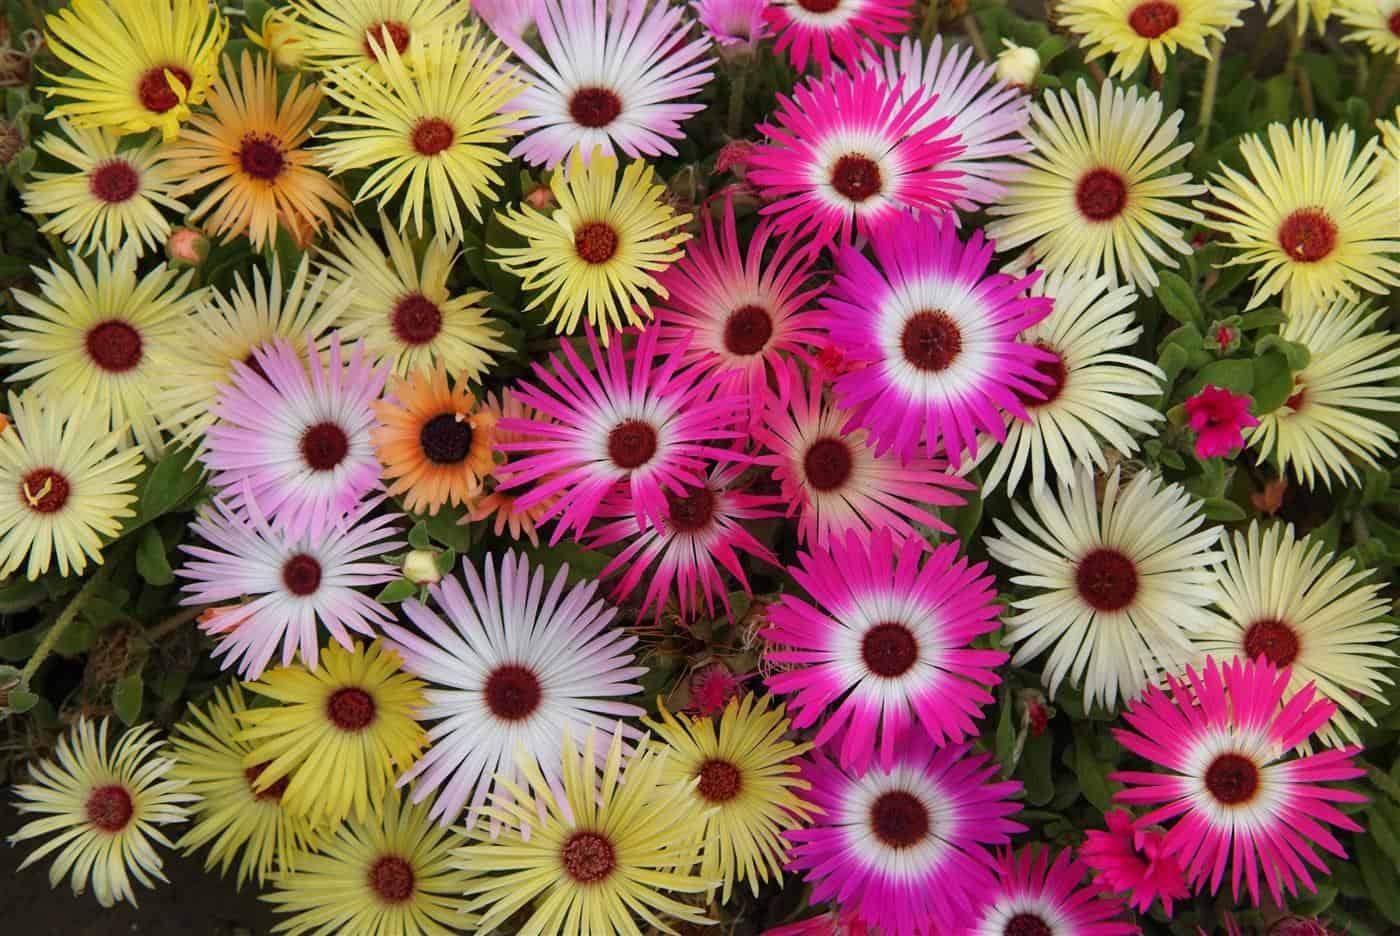 Технология выращивания доротеантуса из семян: посадка и уход, фото сортов